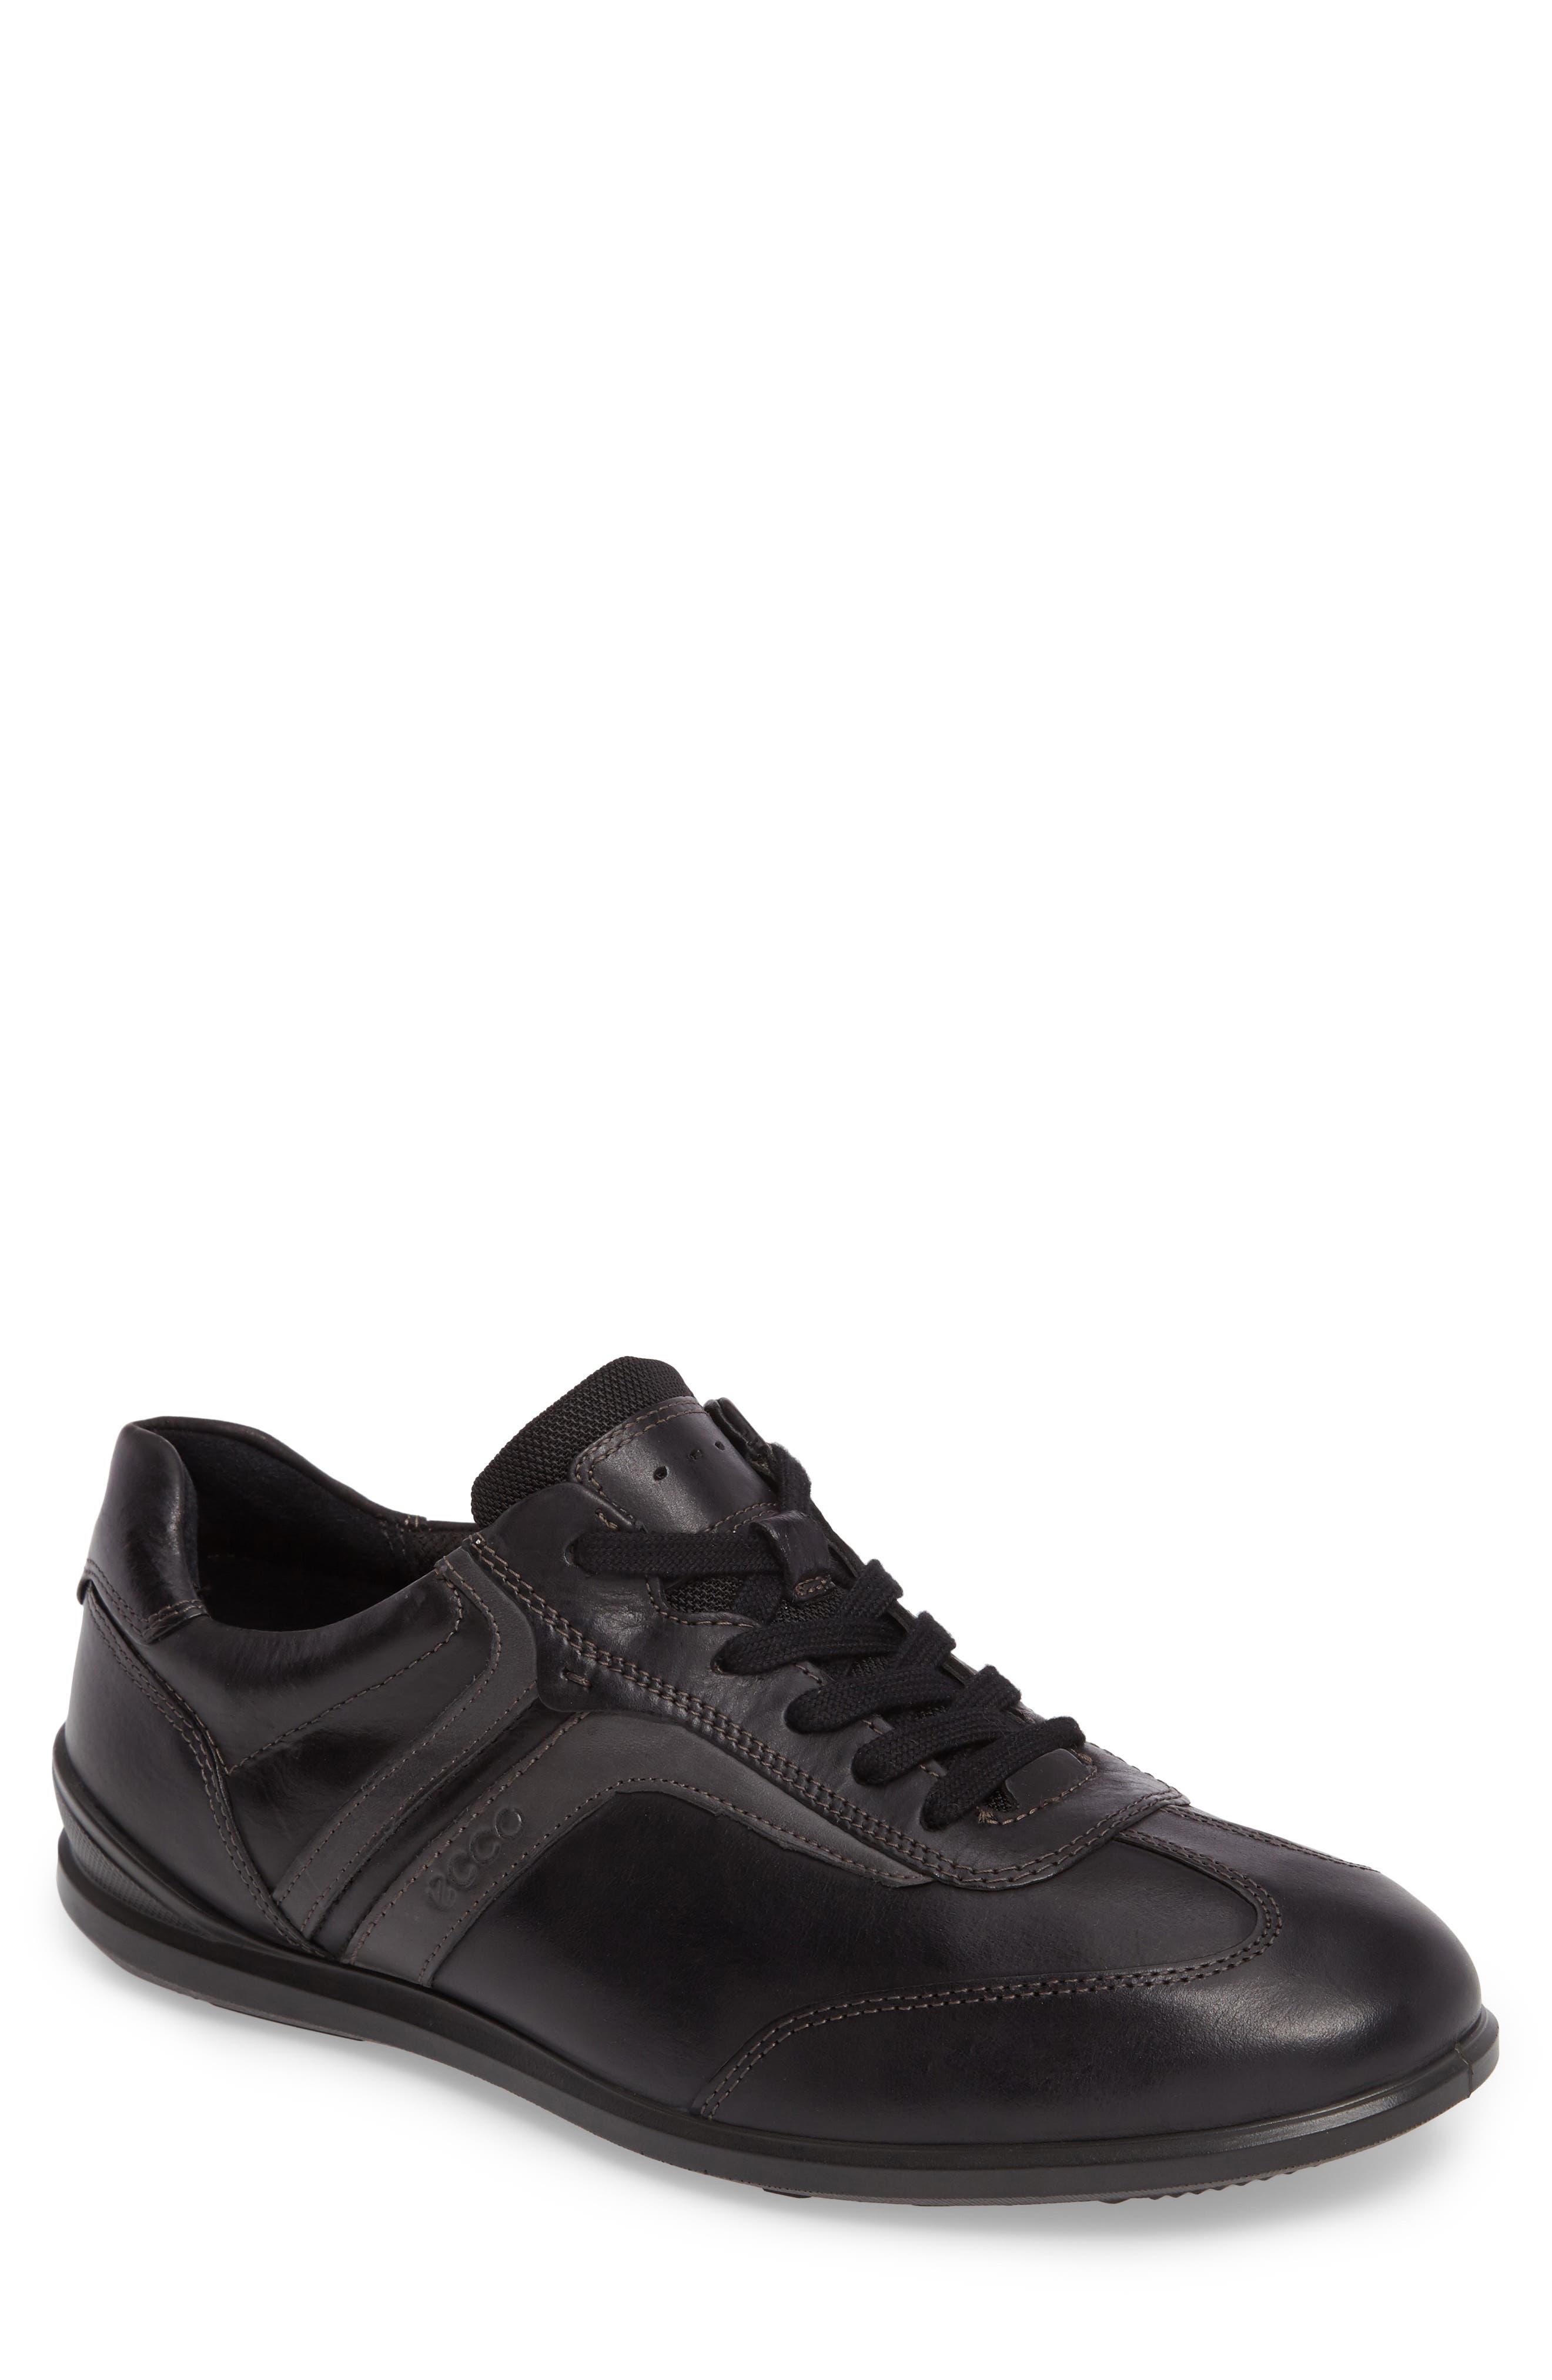 ECCO Chander Sneaker (Men)